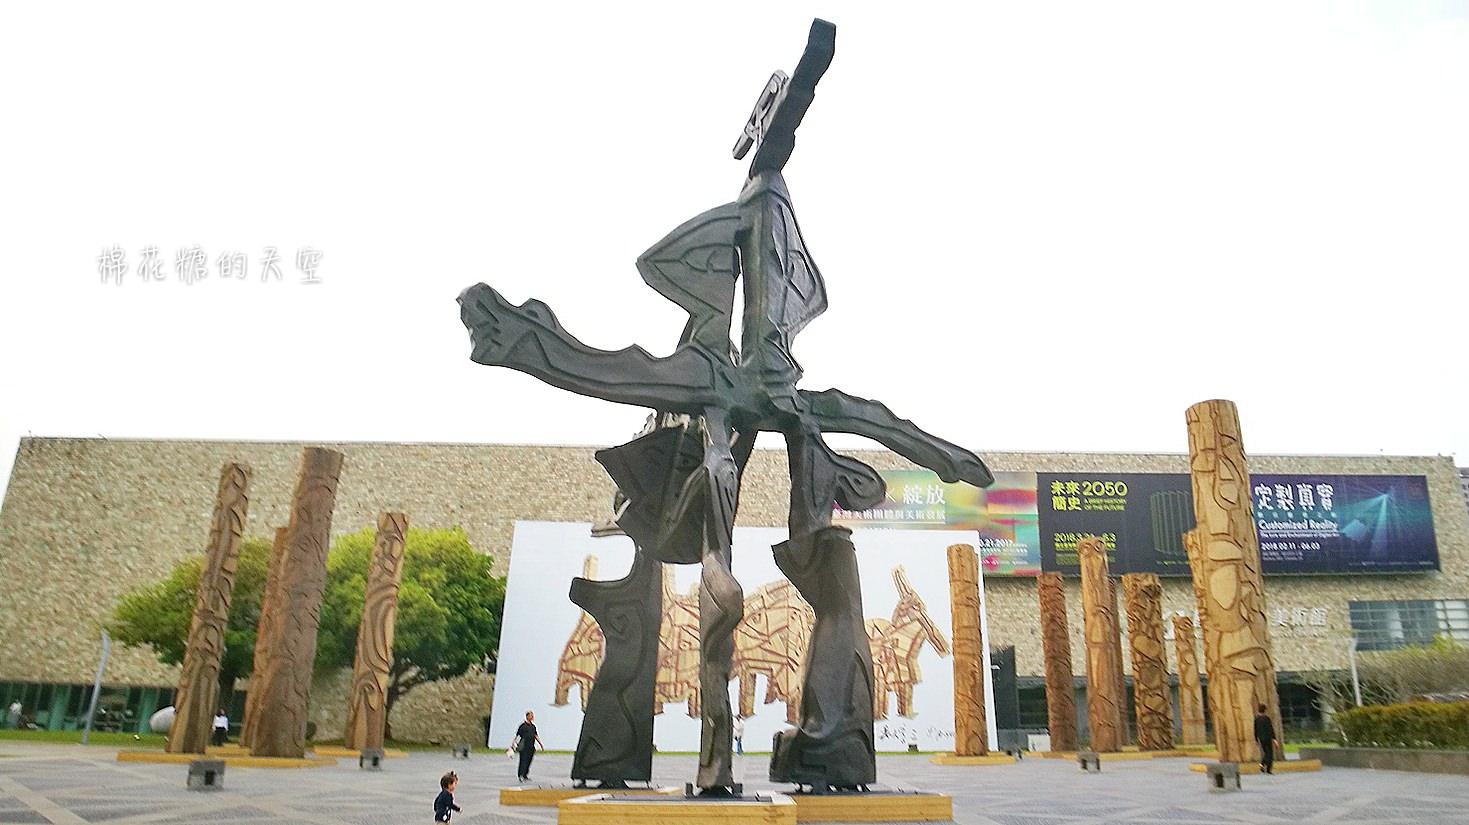 20180319190517 84 - 國立美術館被外星人佔據了?!五層樓高巨型雕塑被巨木圍繞好像電影場景!吳炫三回顧展